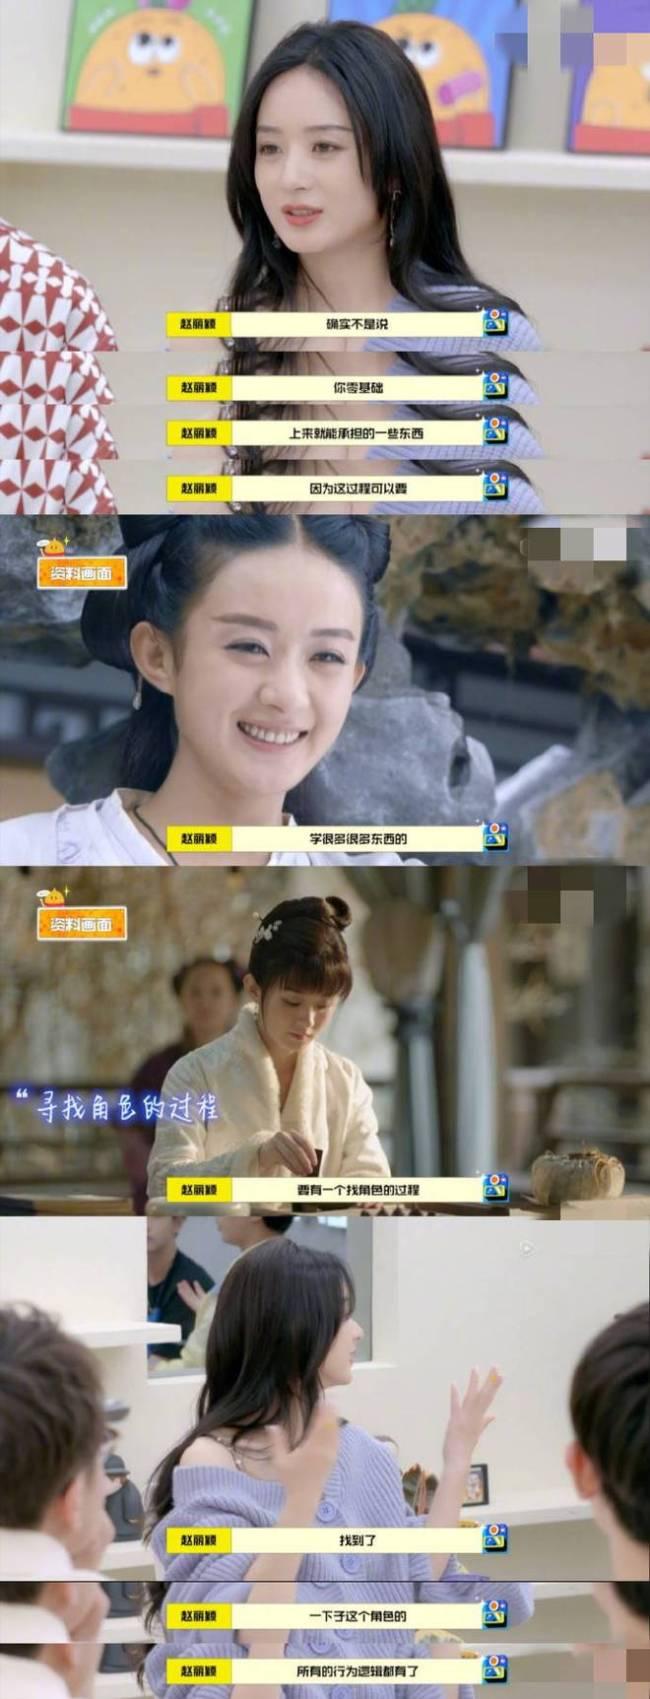 赵丽颖回忆第一次演戏的感受 紧张到字都说不出来